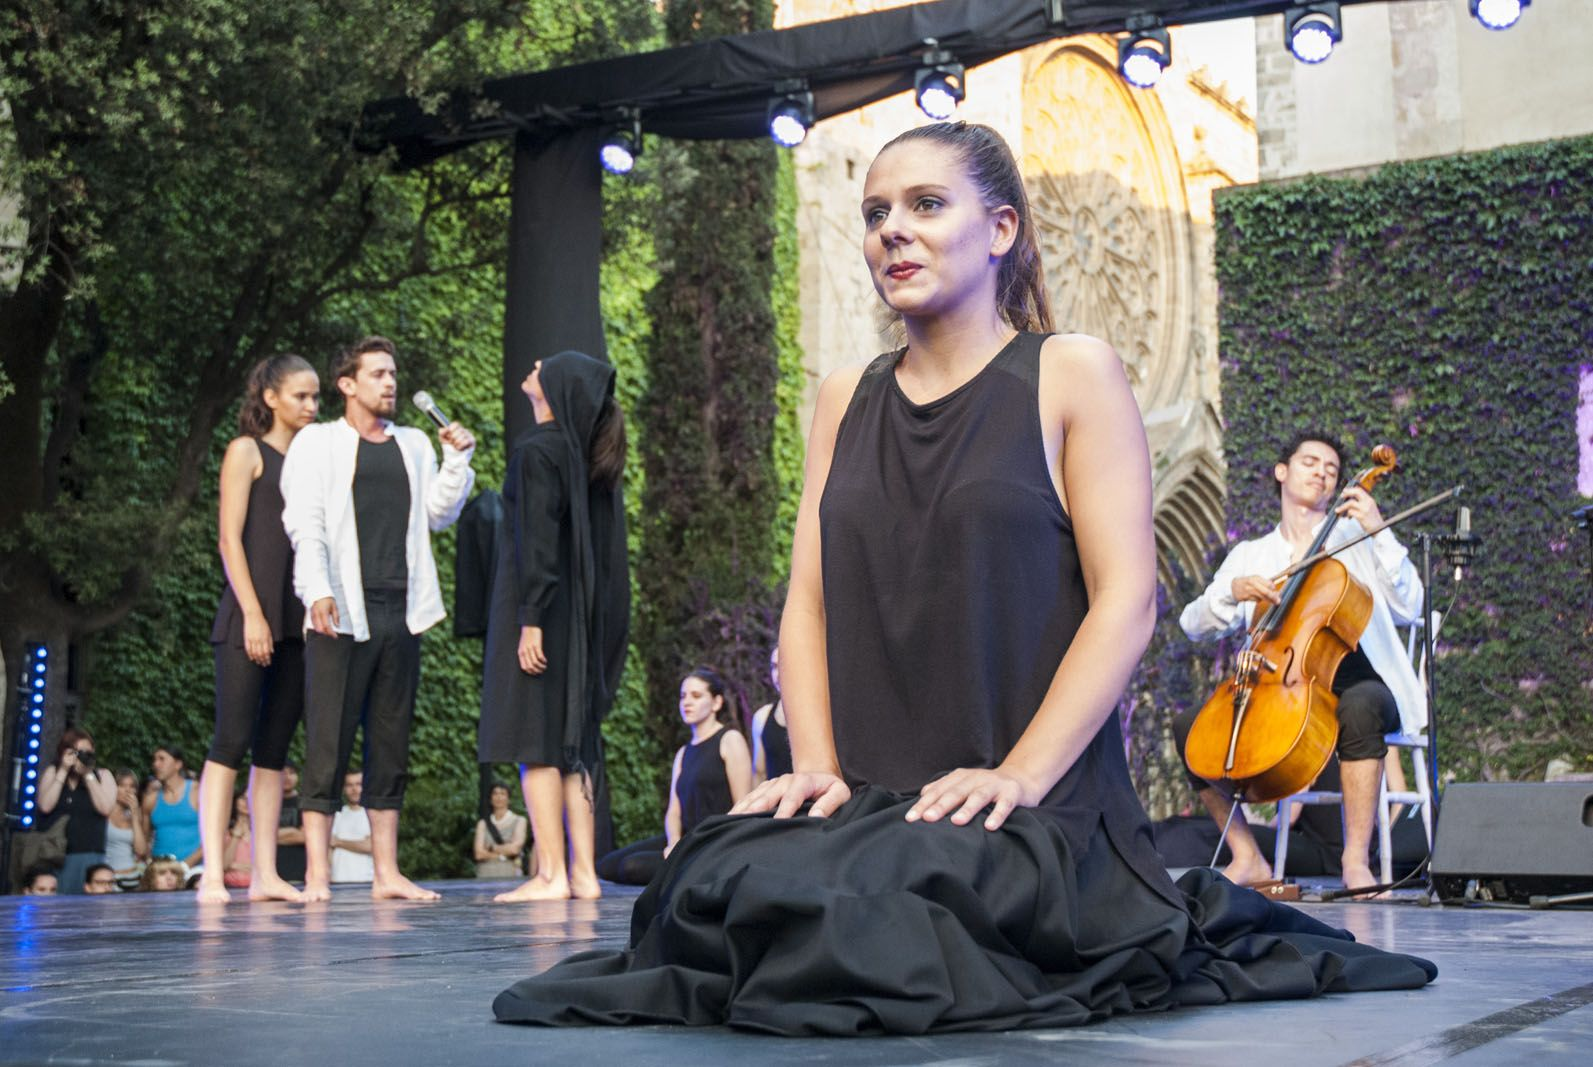 L'espectacle s'estrena a Fira Mediterrània de Manresa. FOTO: Aida Sotelo